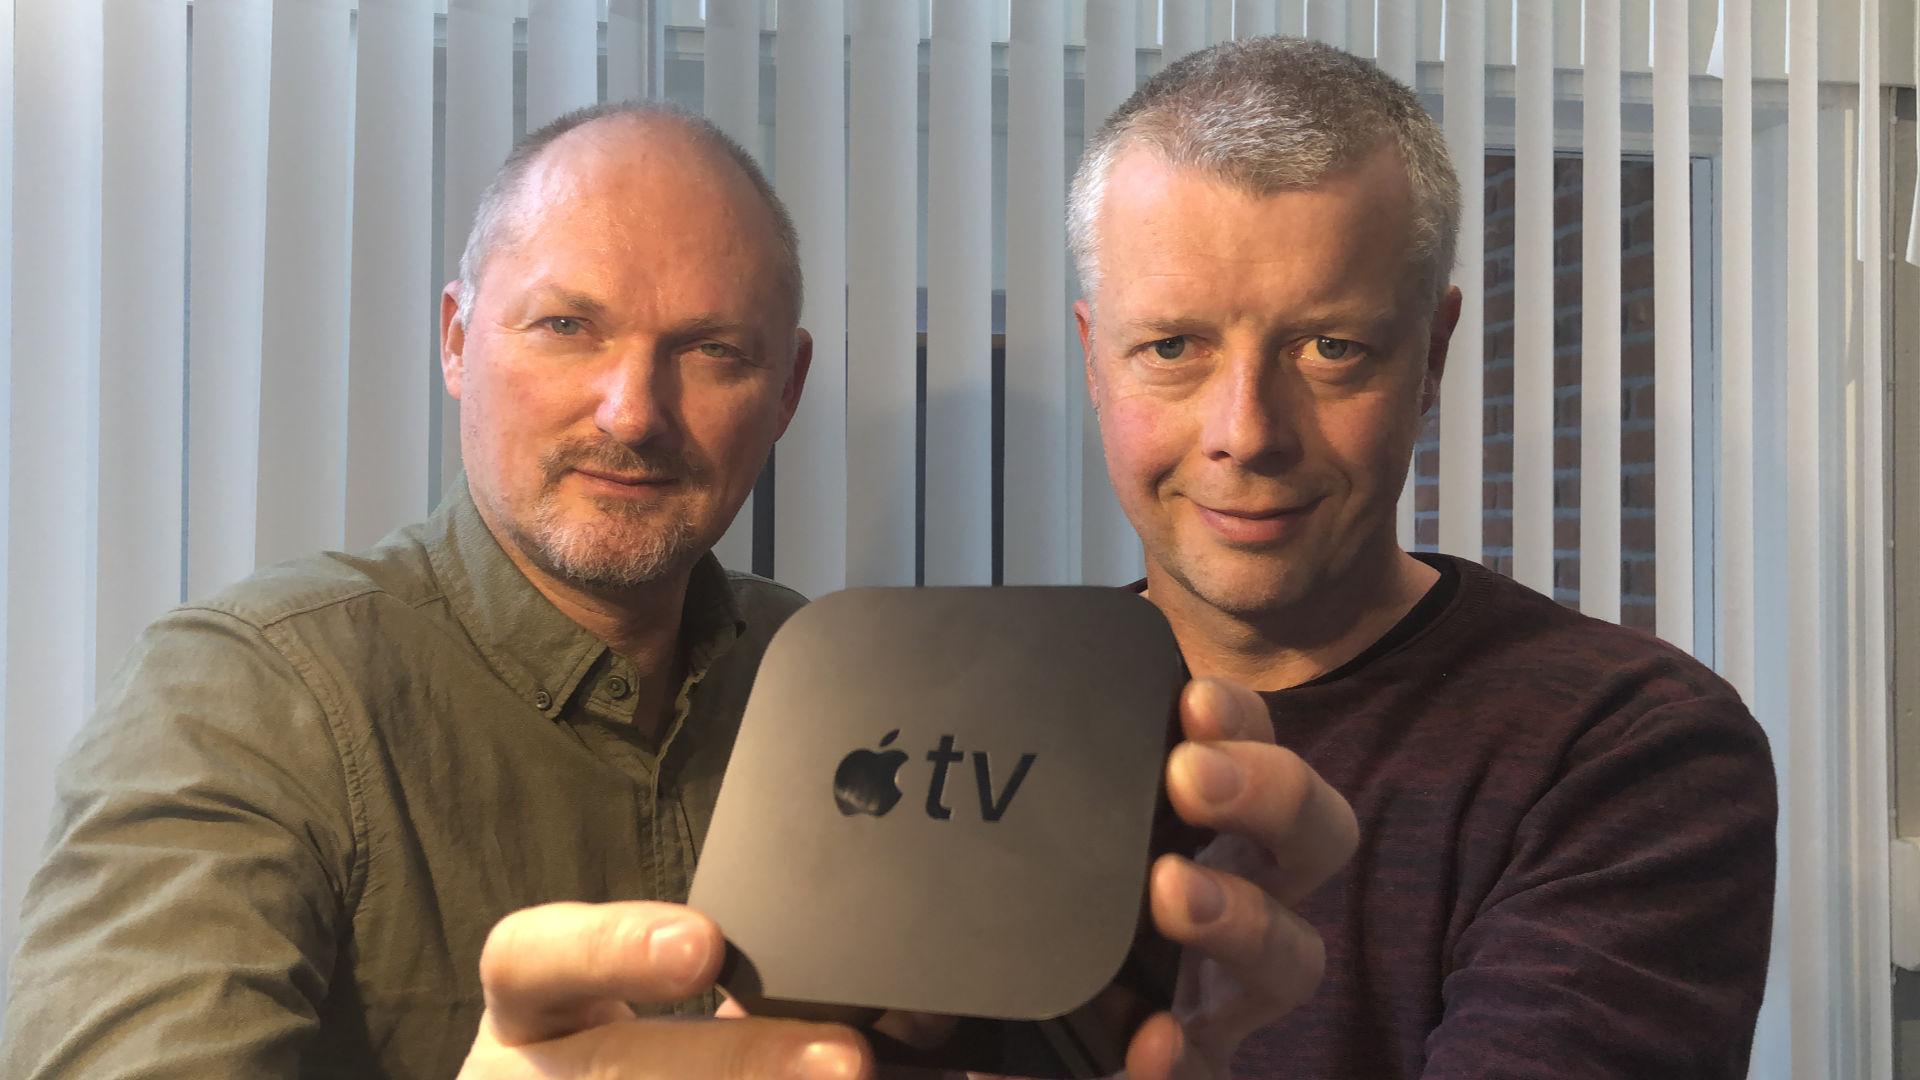 Nå er vi også på Apple-TV. TVModum lanserer ny app